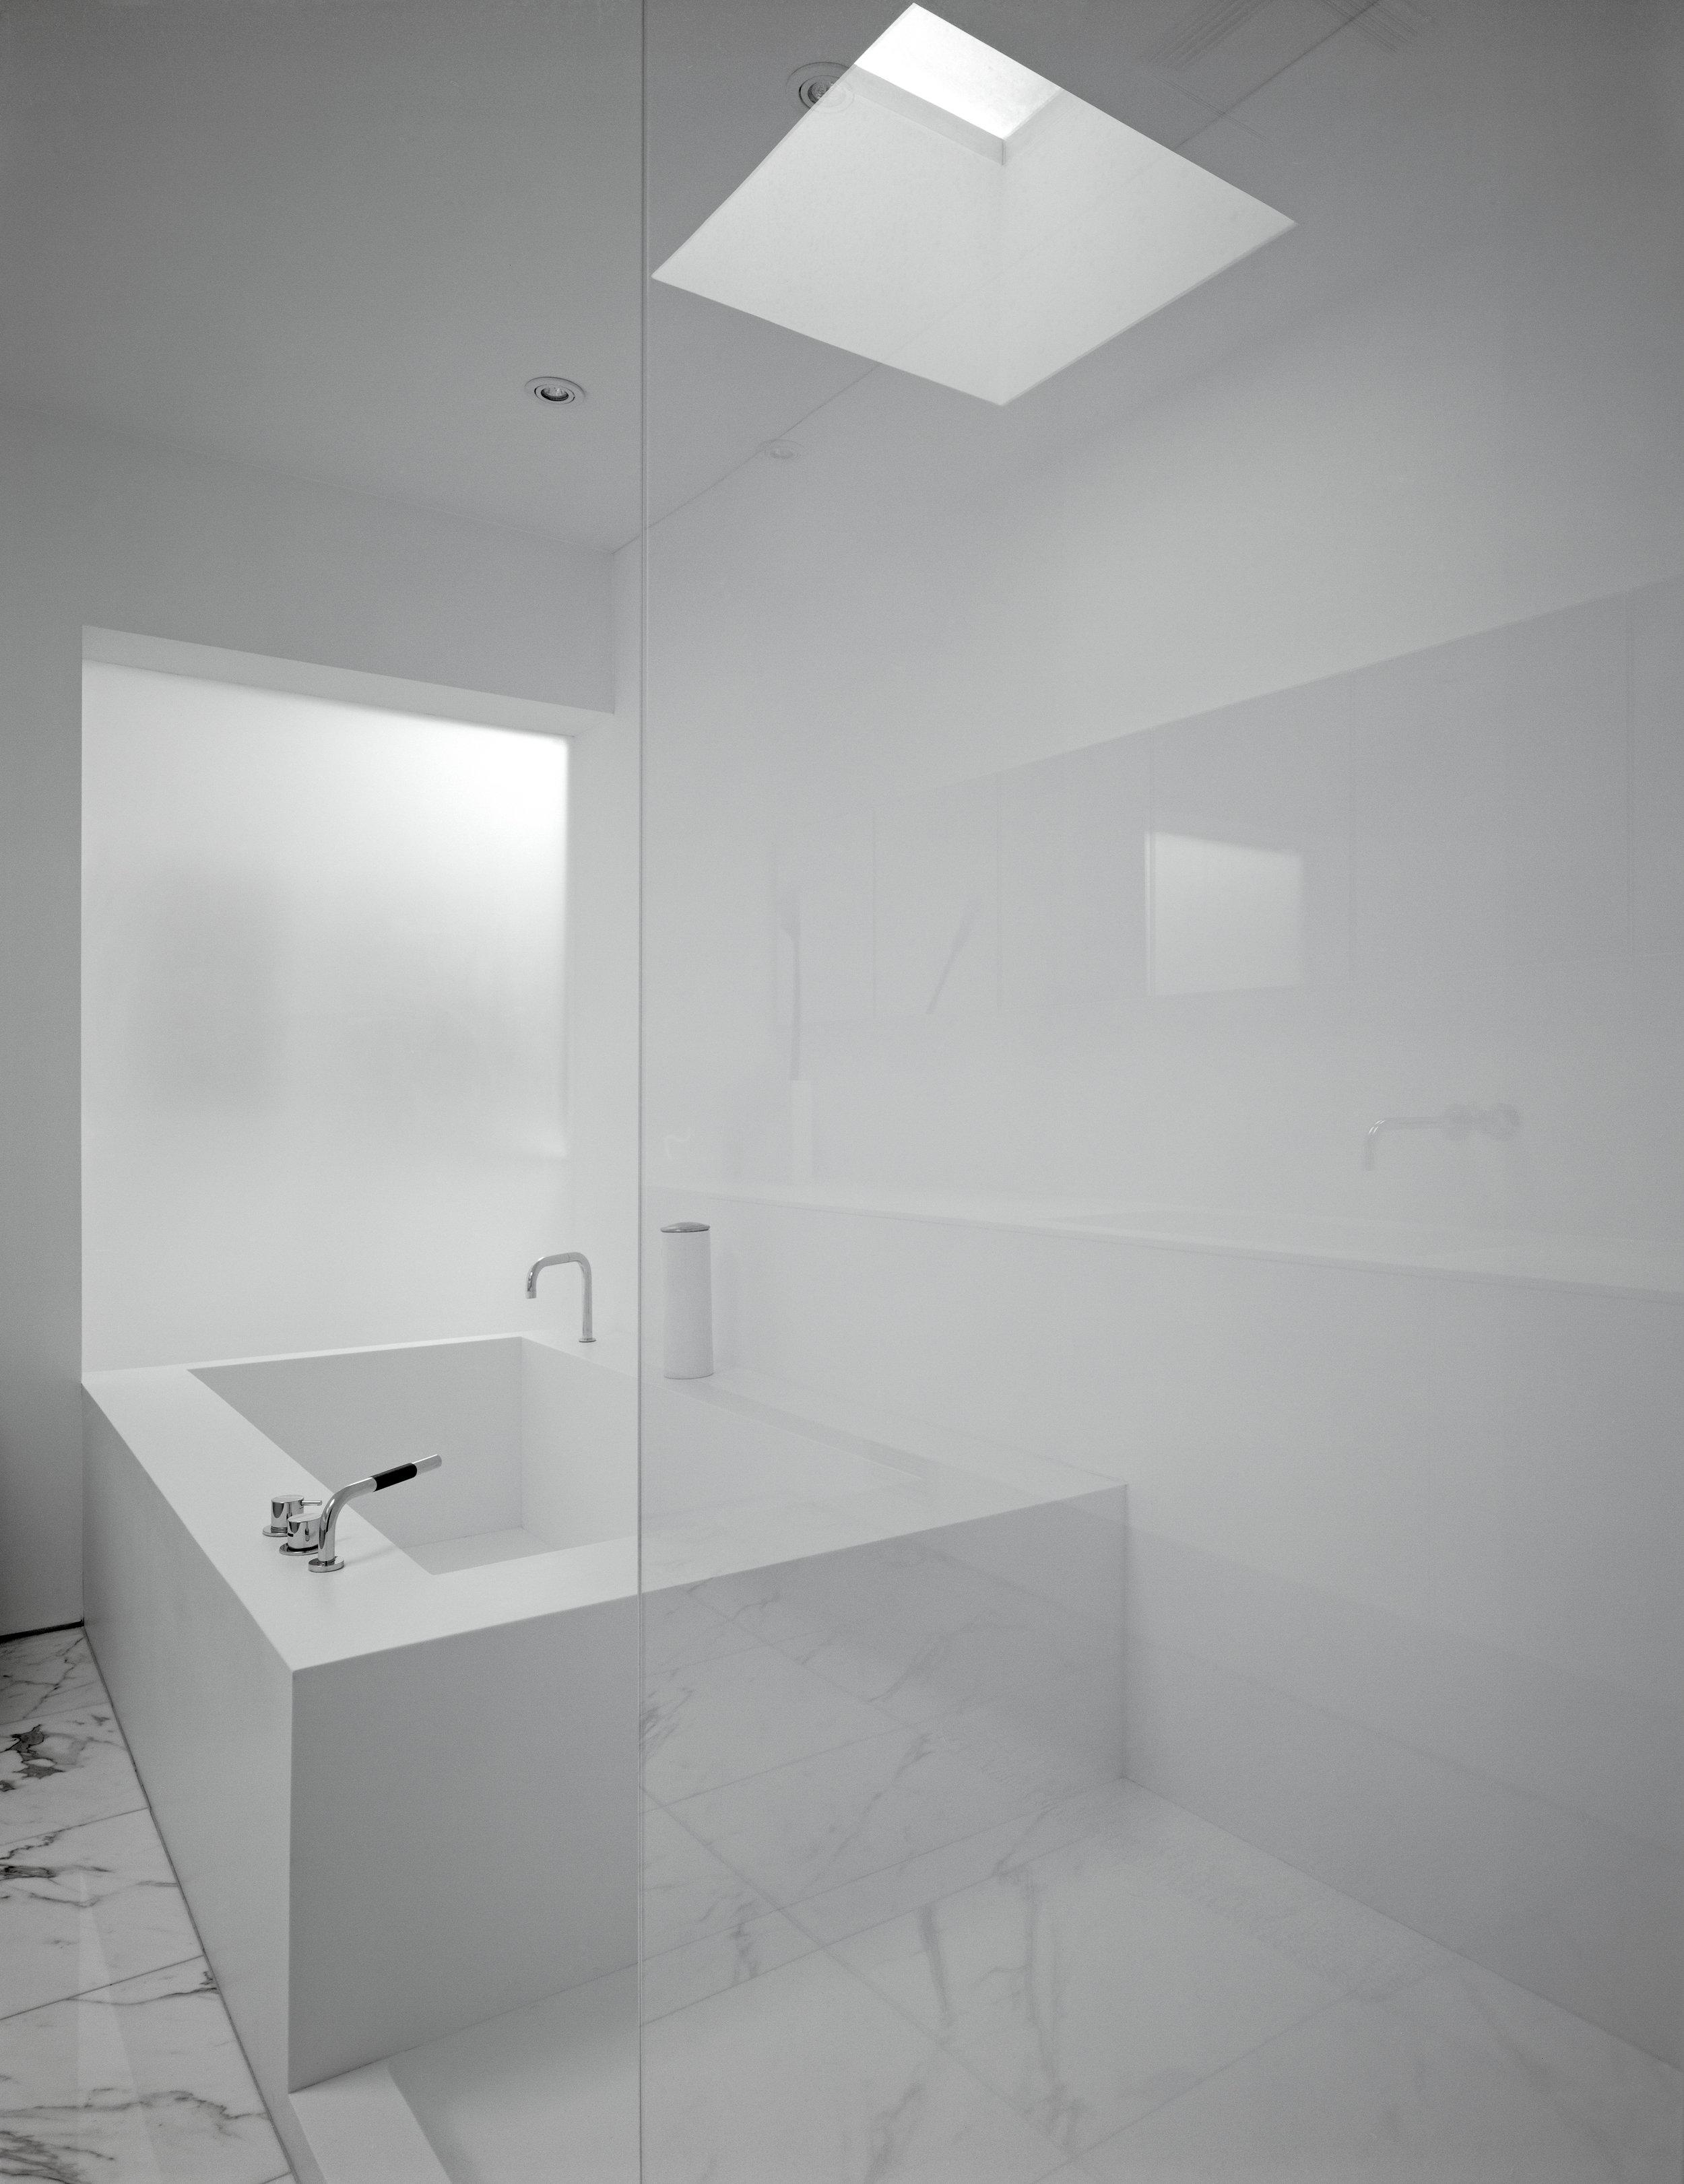 Copy of Russell Hill Road - Washroom Bathroom Shower Glass Bathtub Fauce